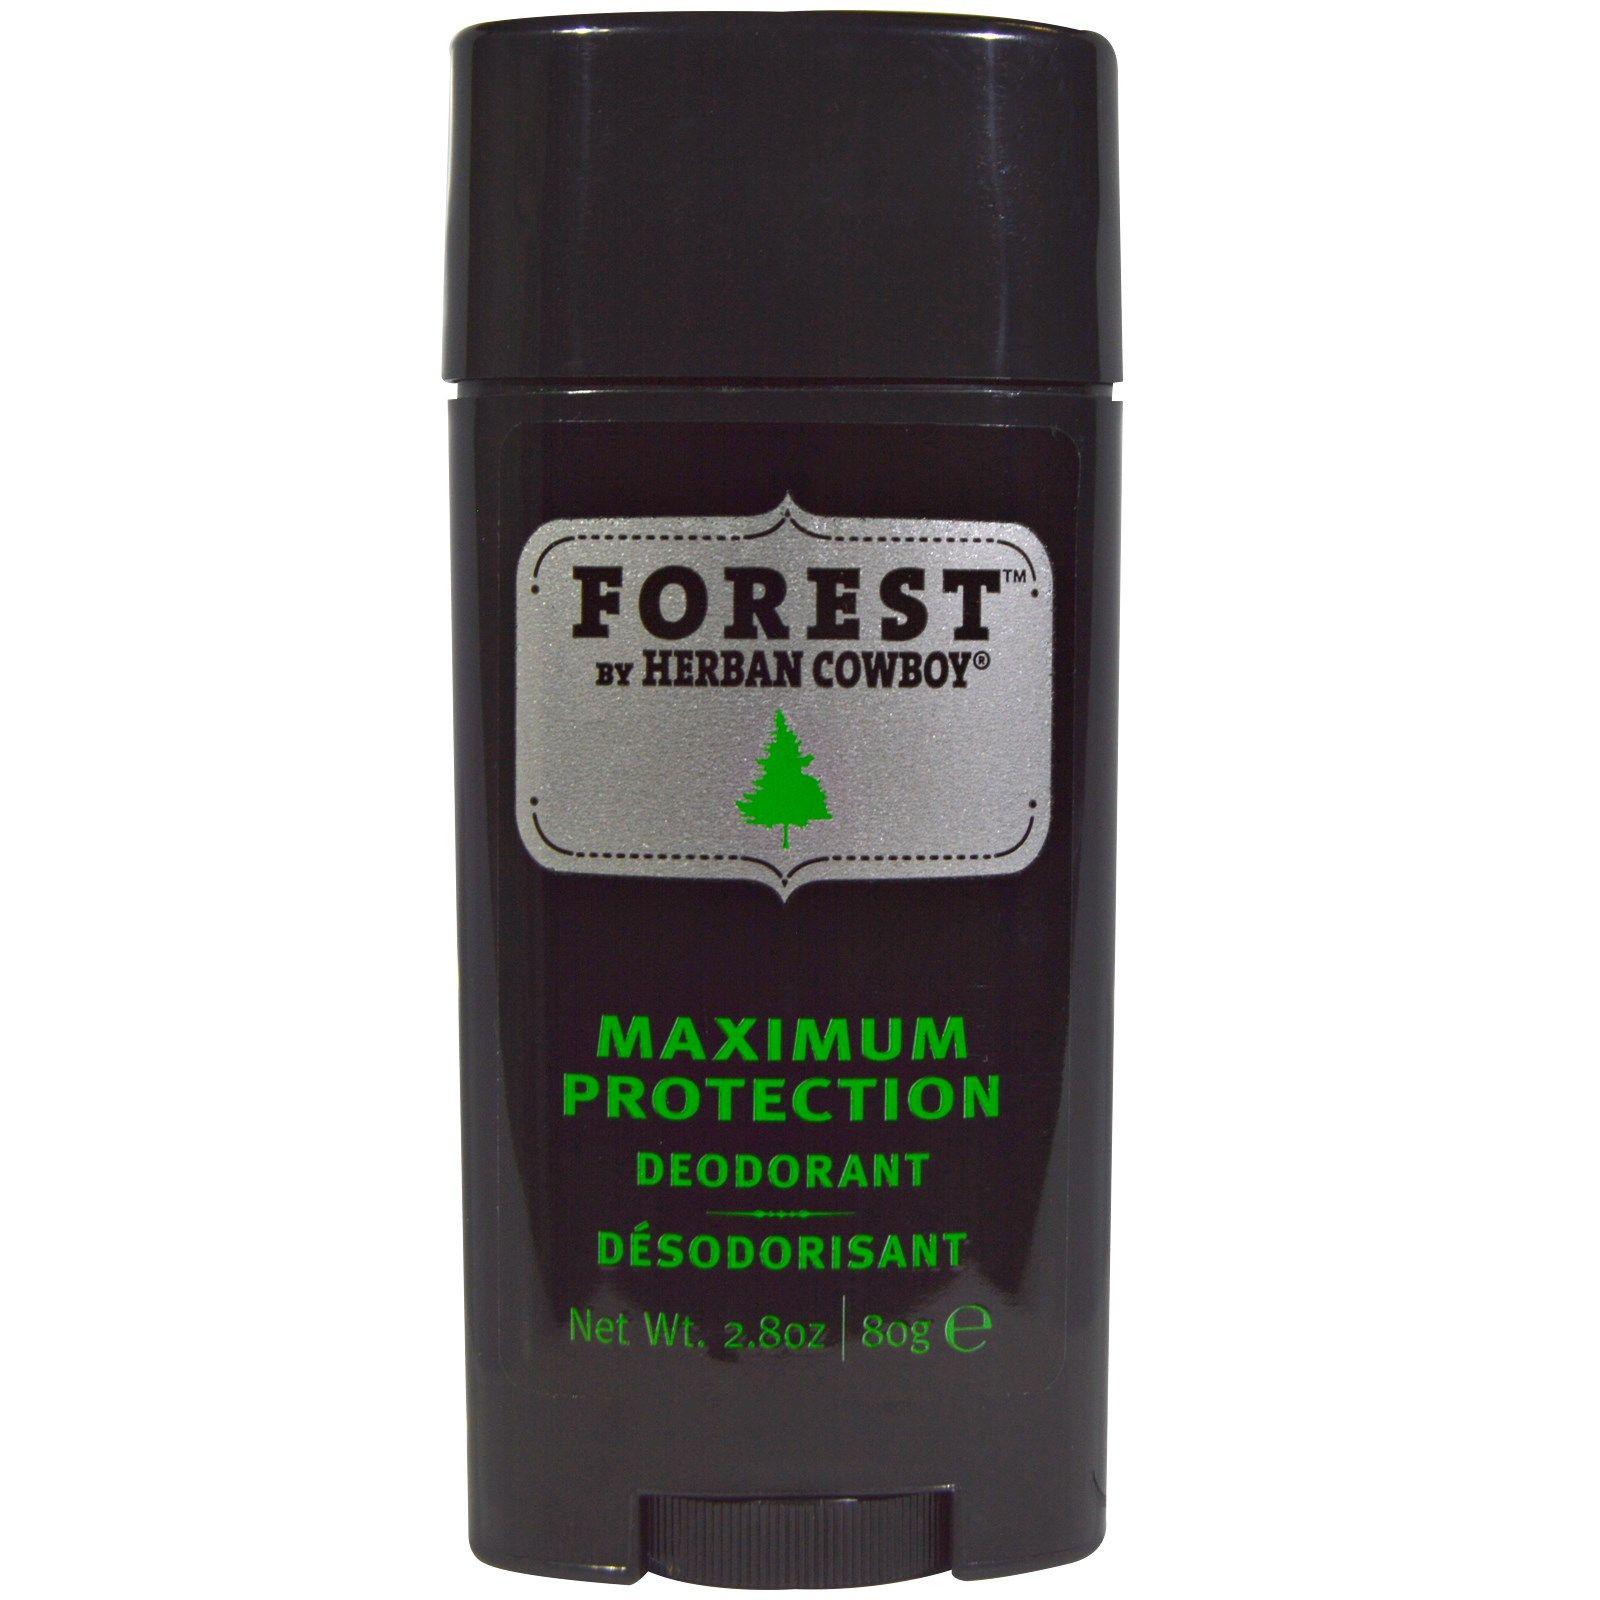 Herban Cowboy, Deodorant, Forest, 2.8 oz (80 g) (With